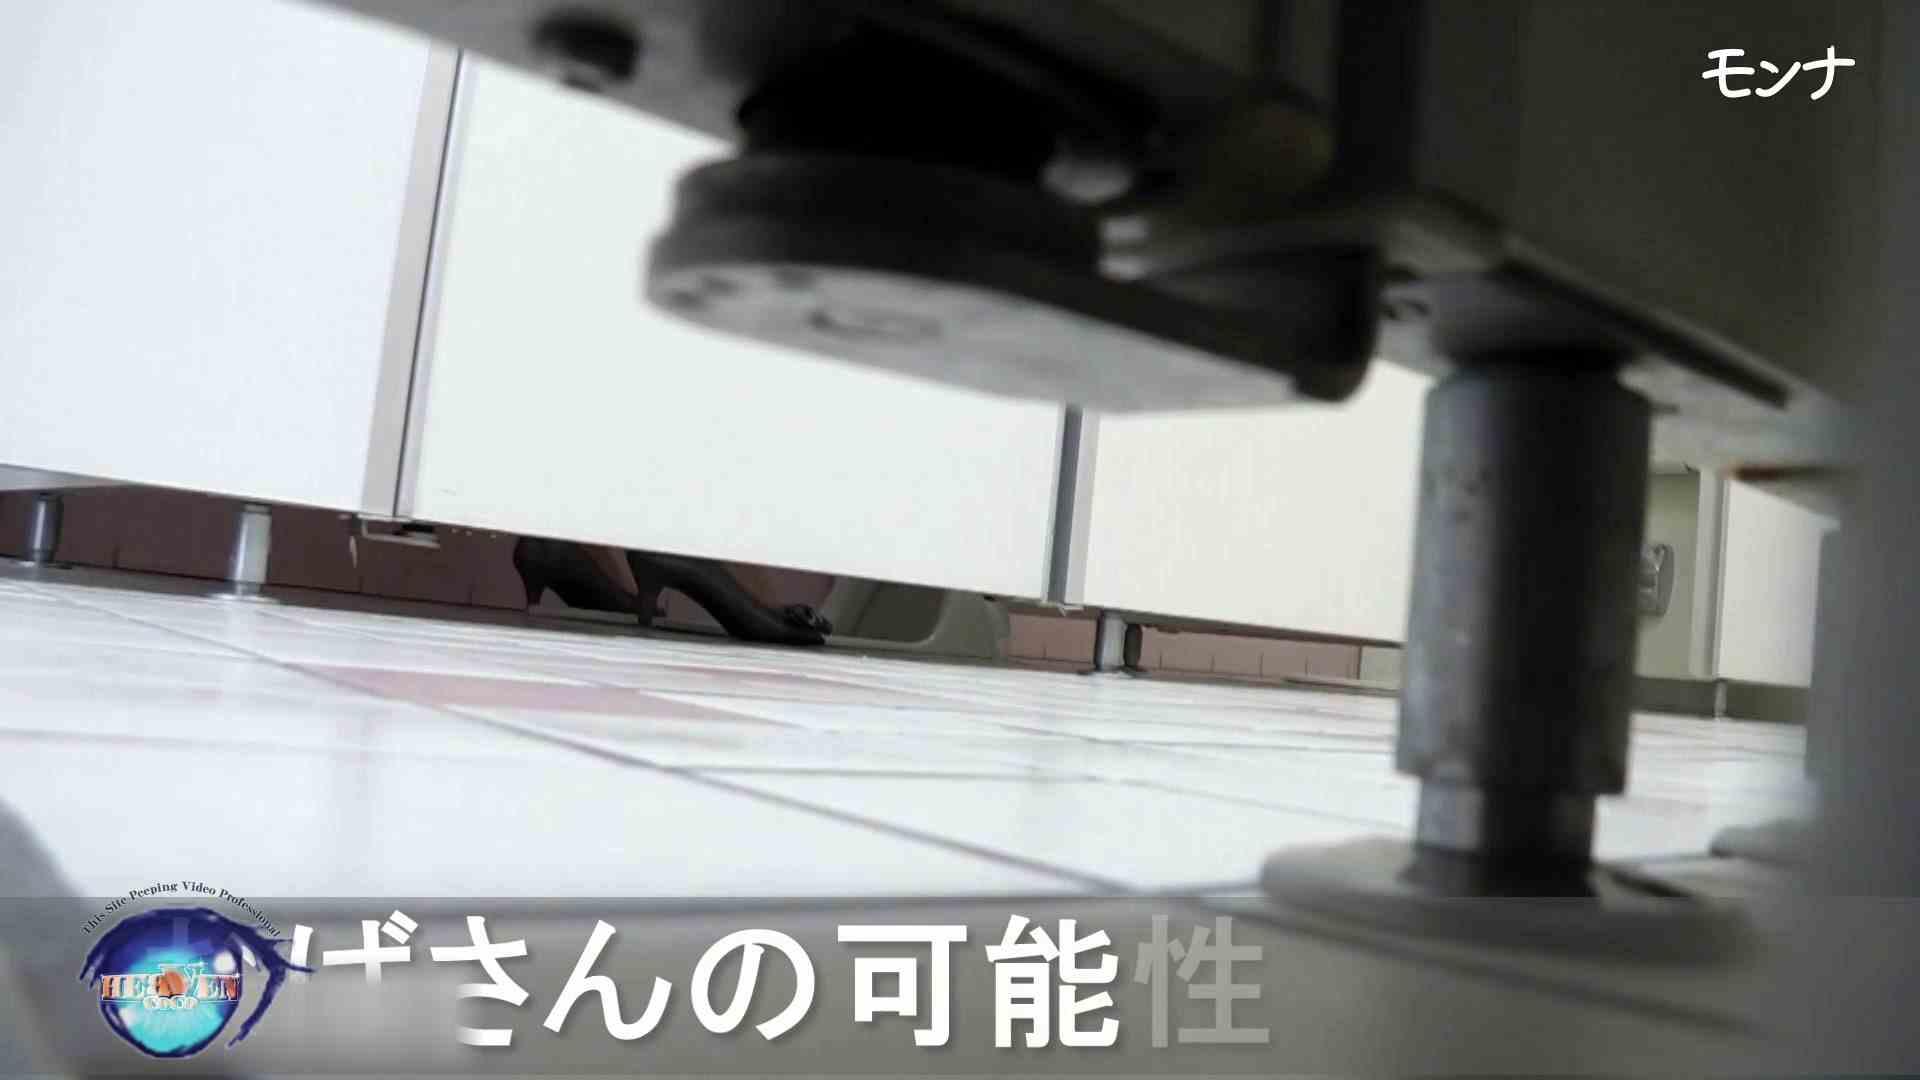 【美しい日本の未来】美しい日本の未来 No.77 聖職者のような清楚さを持ち合わせながら… 盗撮シリーズ  108PIX 56